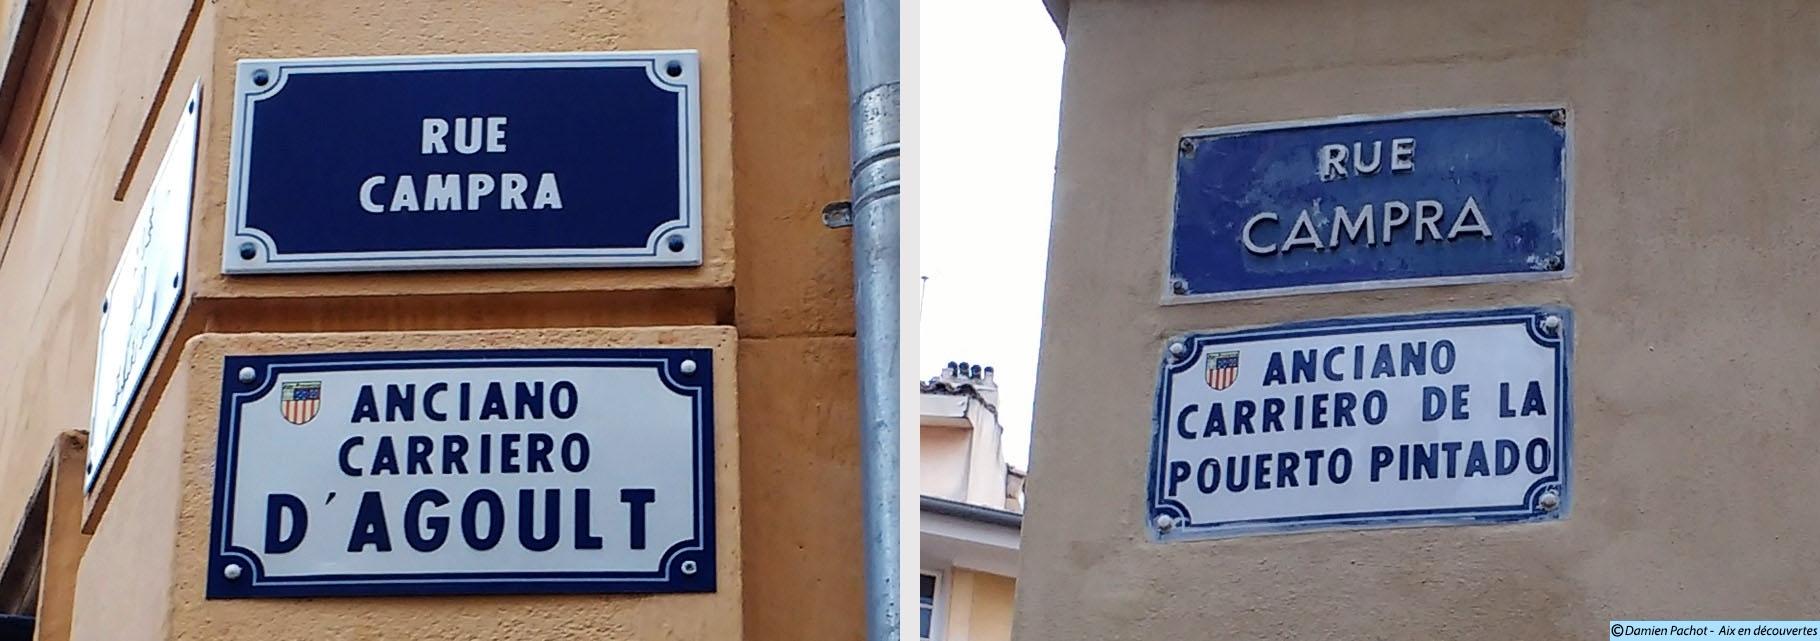 Les anciennes appellations de la rue Campra sont encore présentes - Photo : © Aix en découvertes